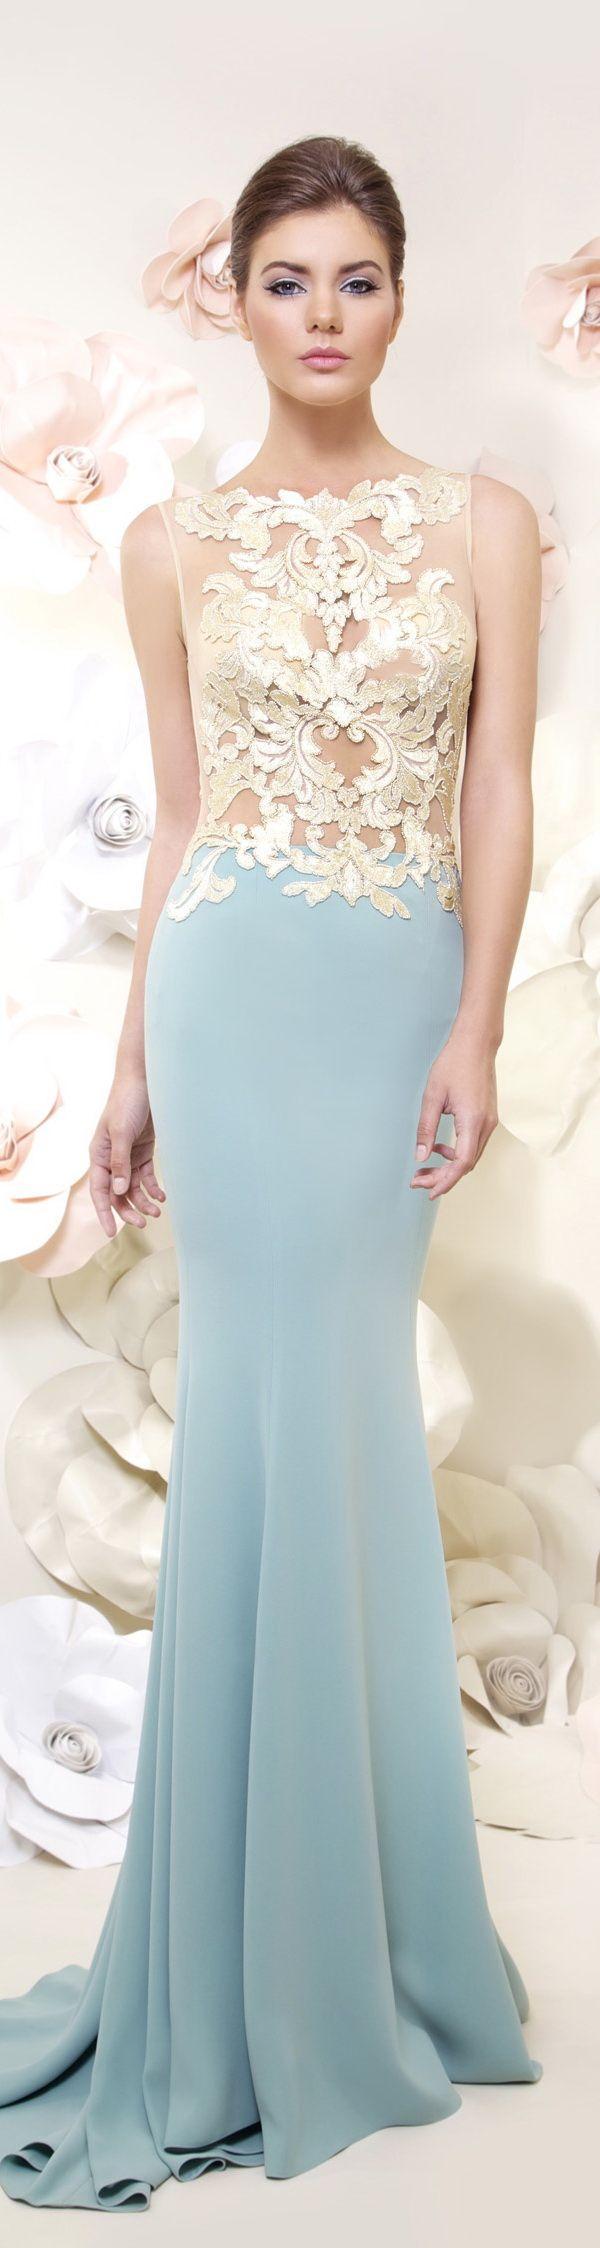 Hochzeit - MISS MILLIONAIRESS & CO.™